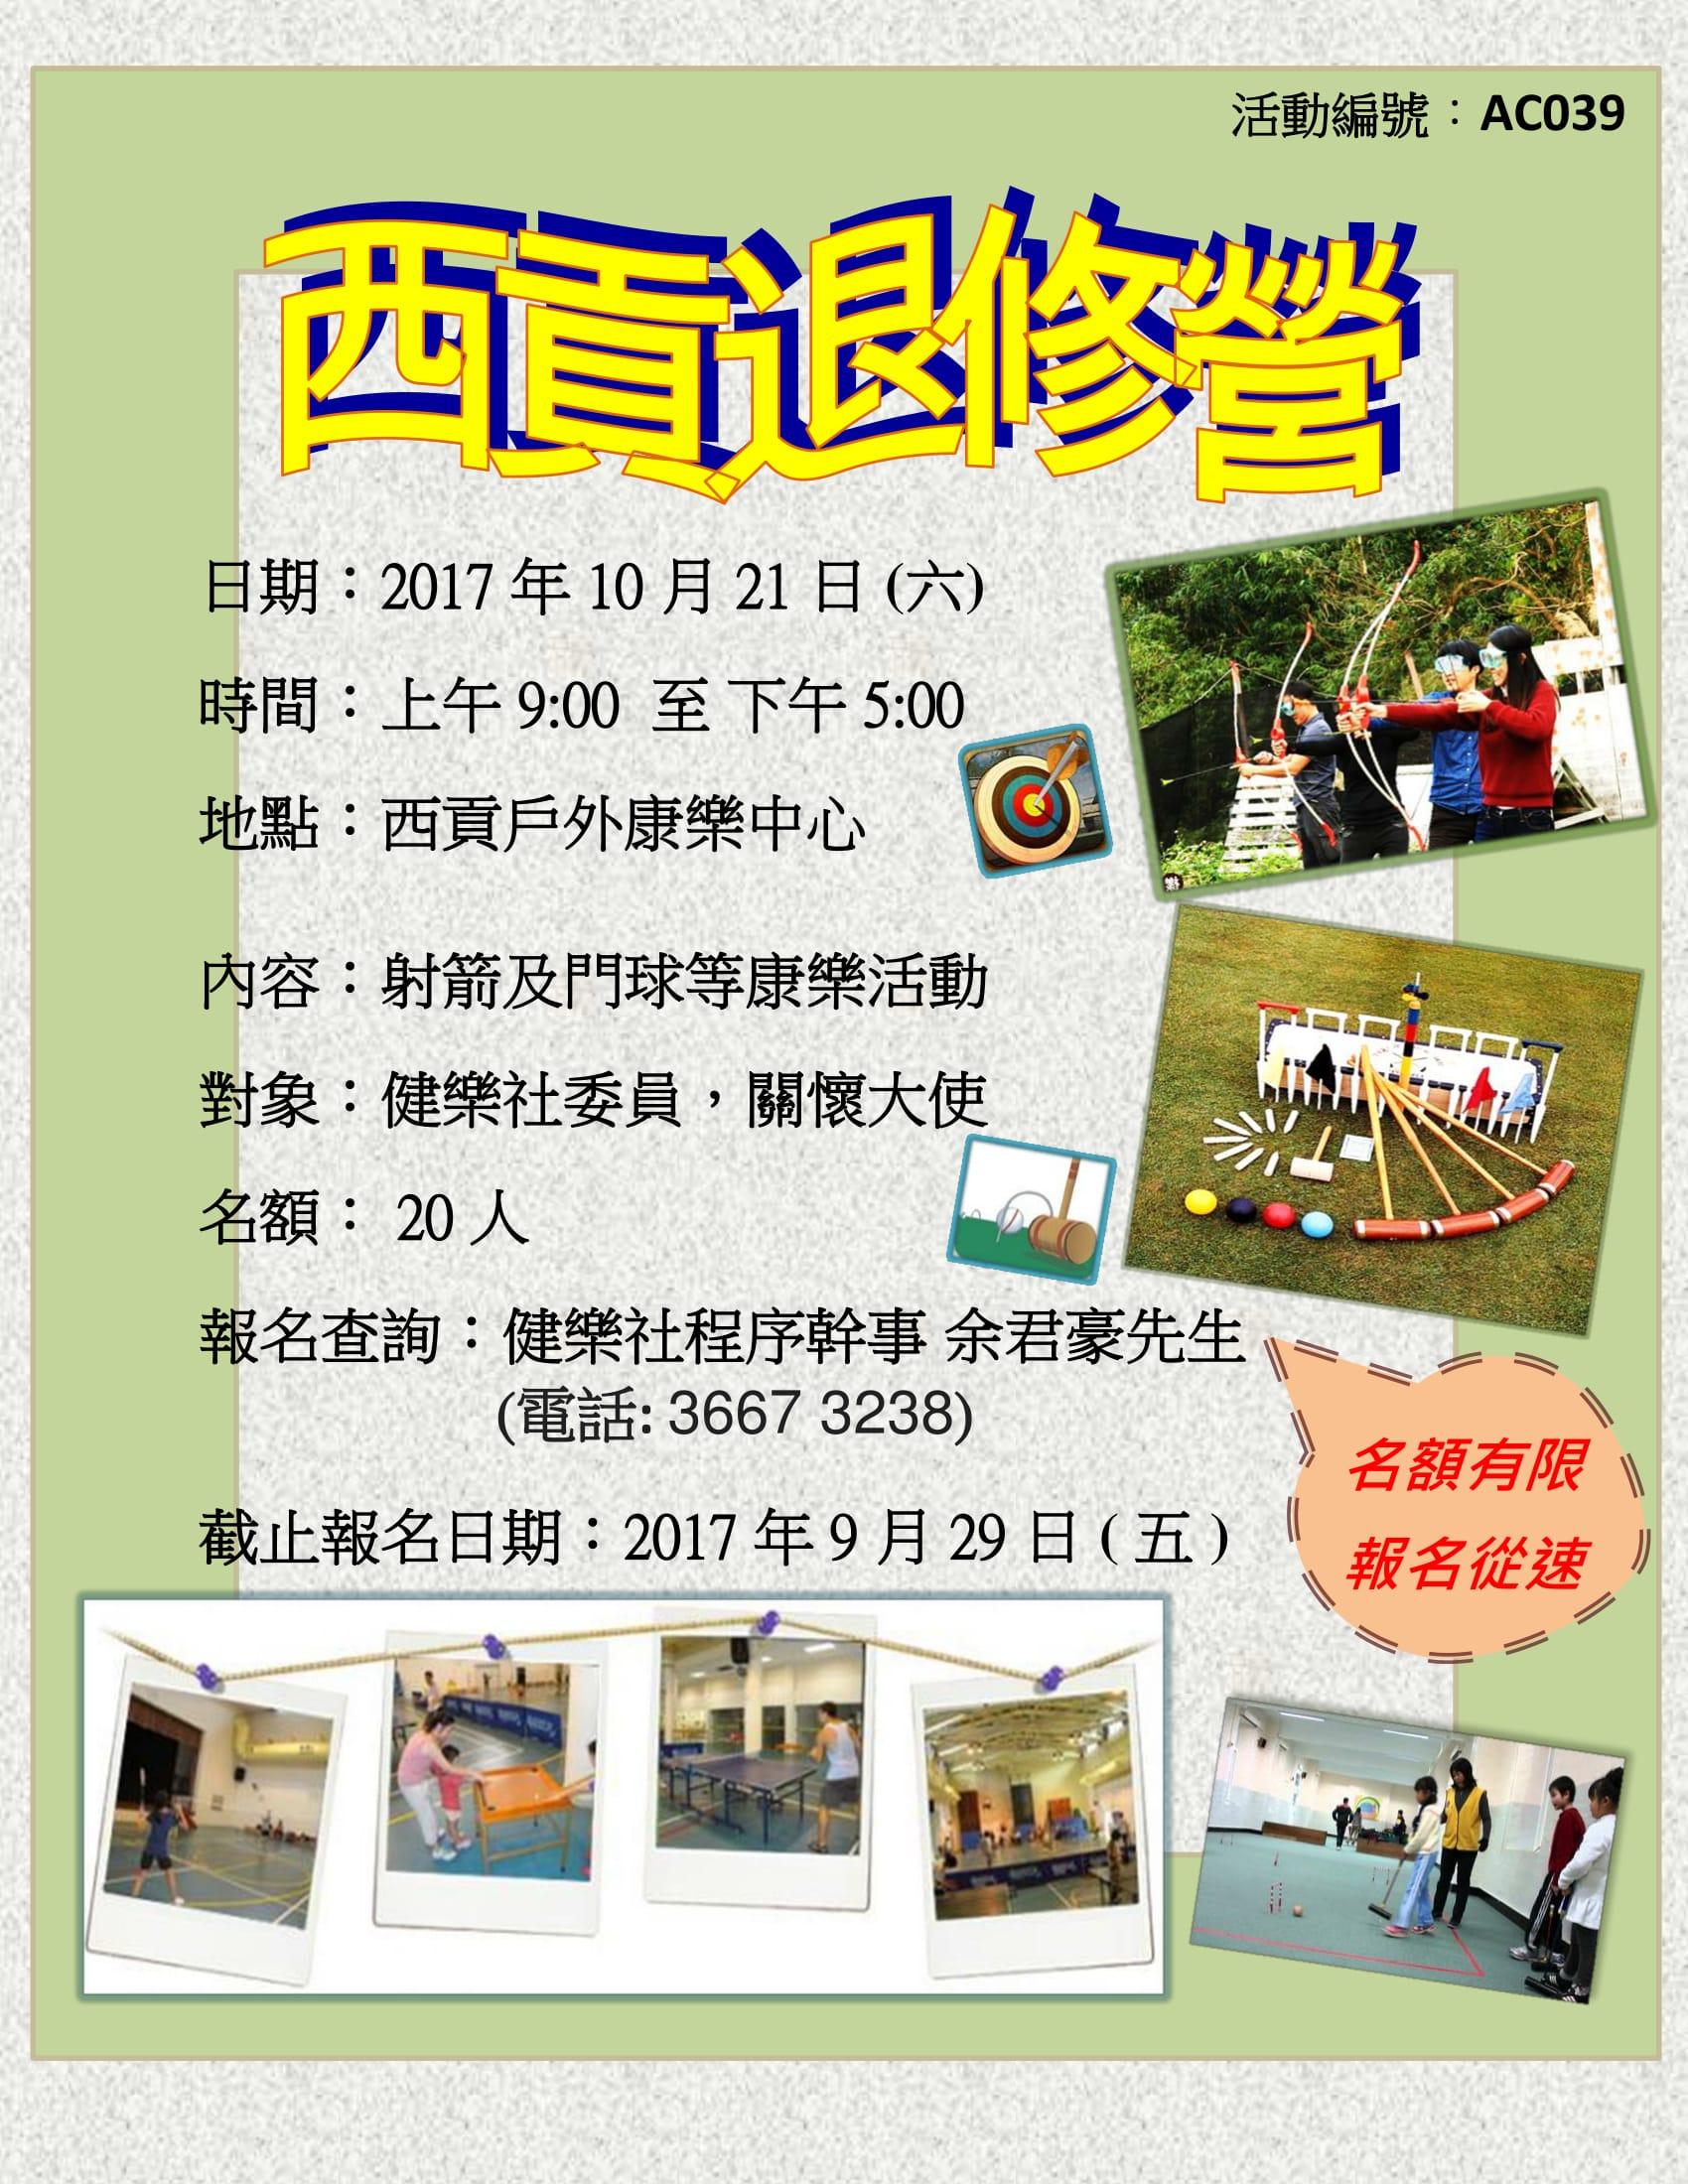 20171021-AC039-西貢退修營